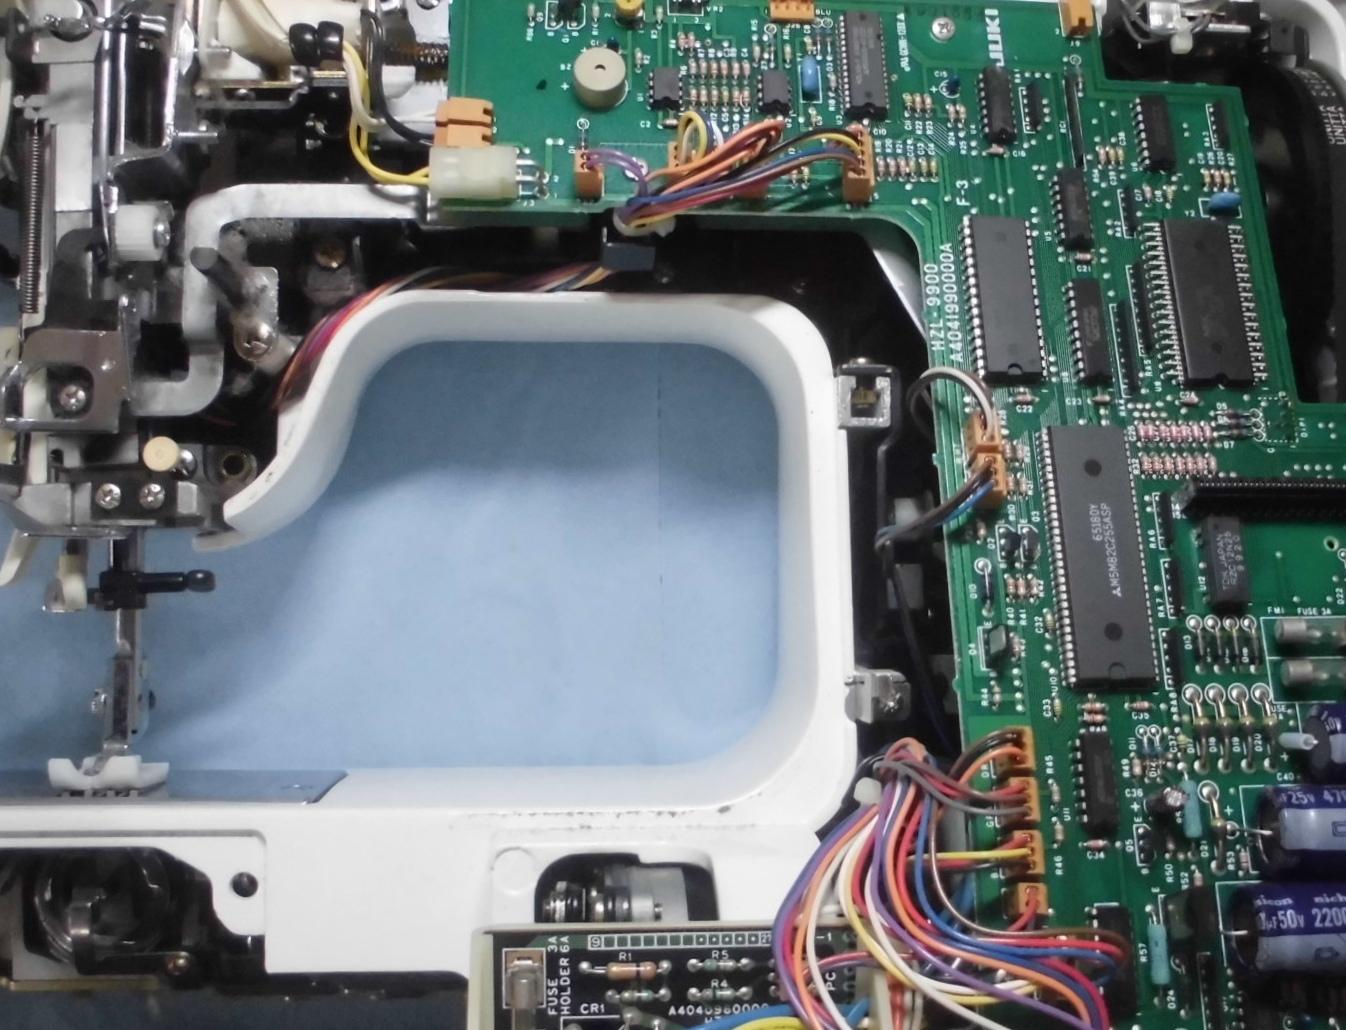 HZL-1000の分解オーバーホールメンテナンス修理|JUKIミシン